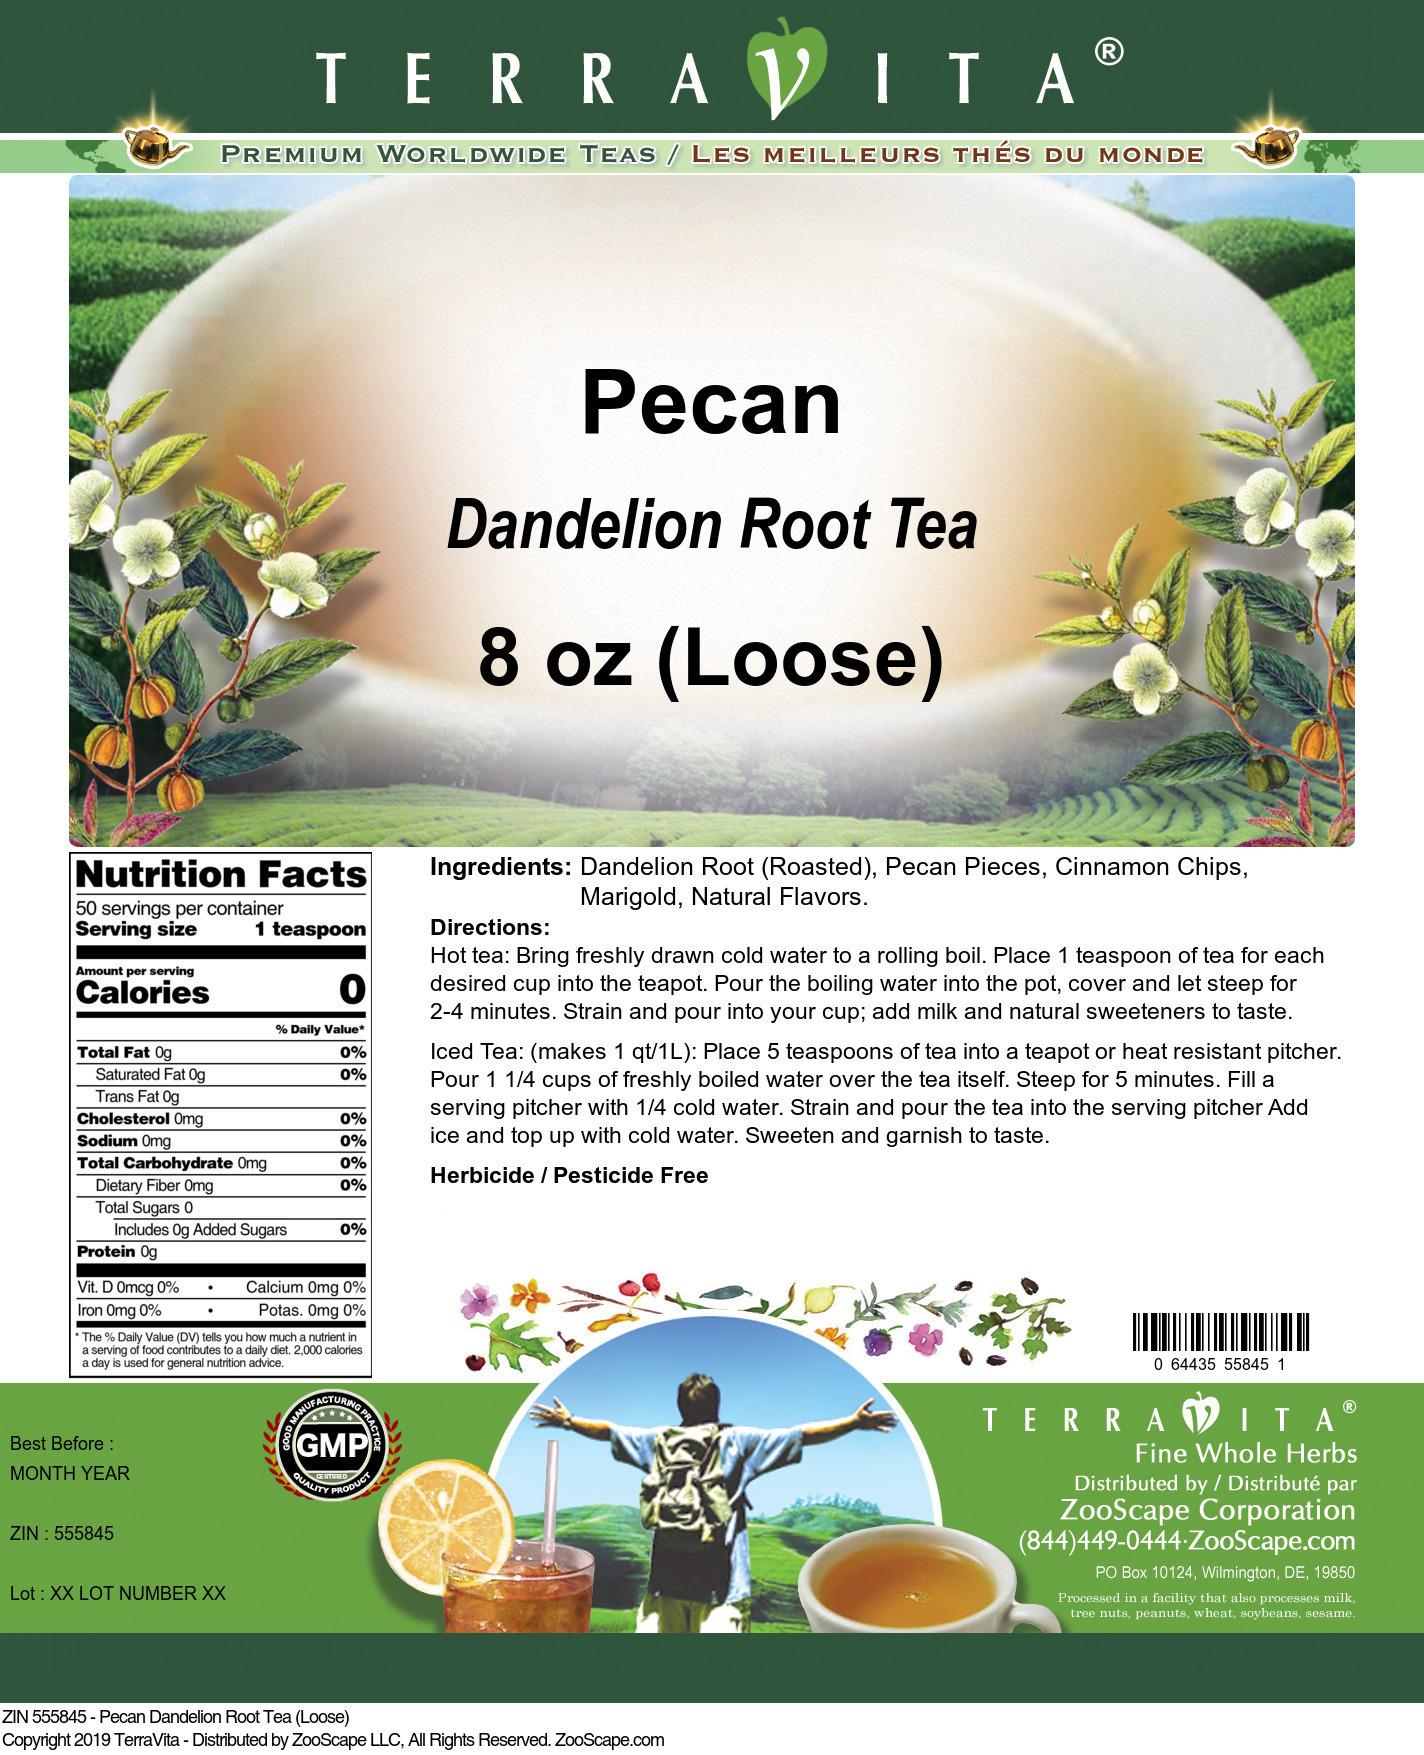 Pecan Dandelion Root